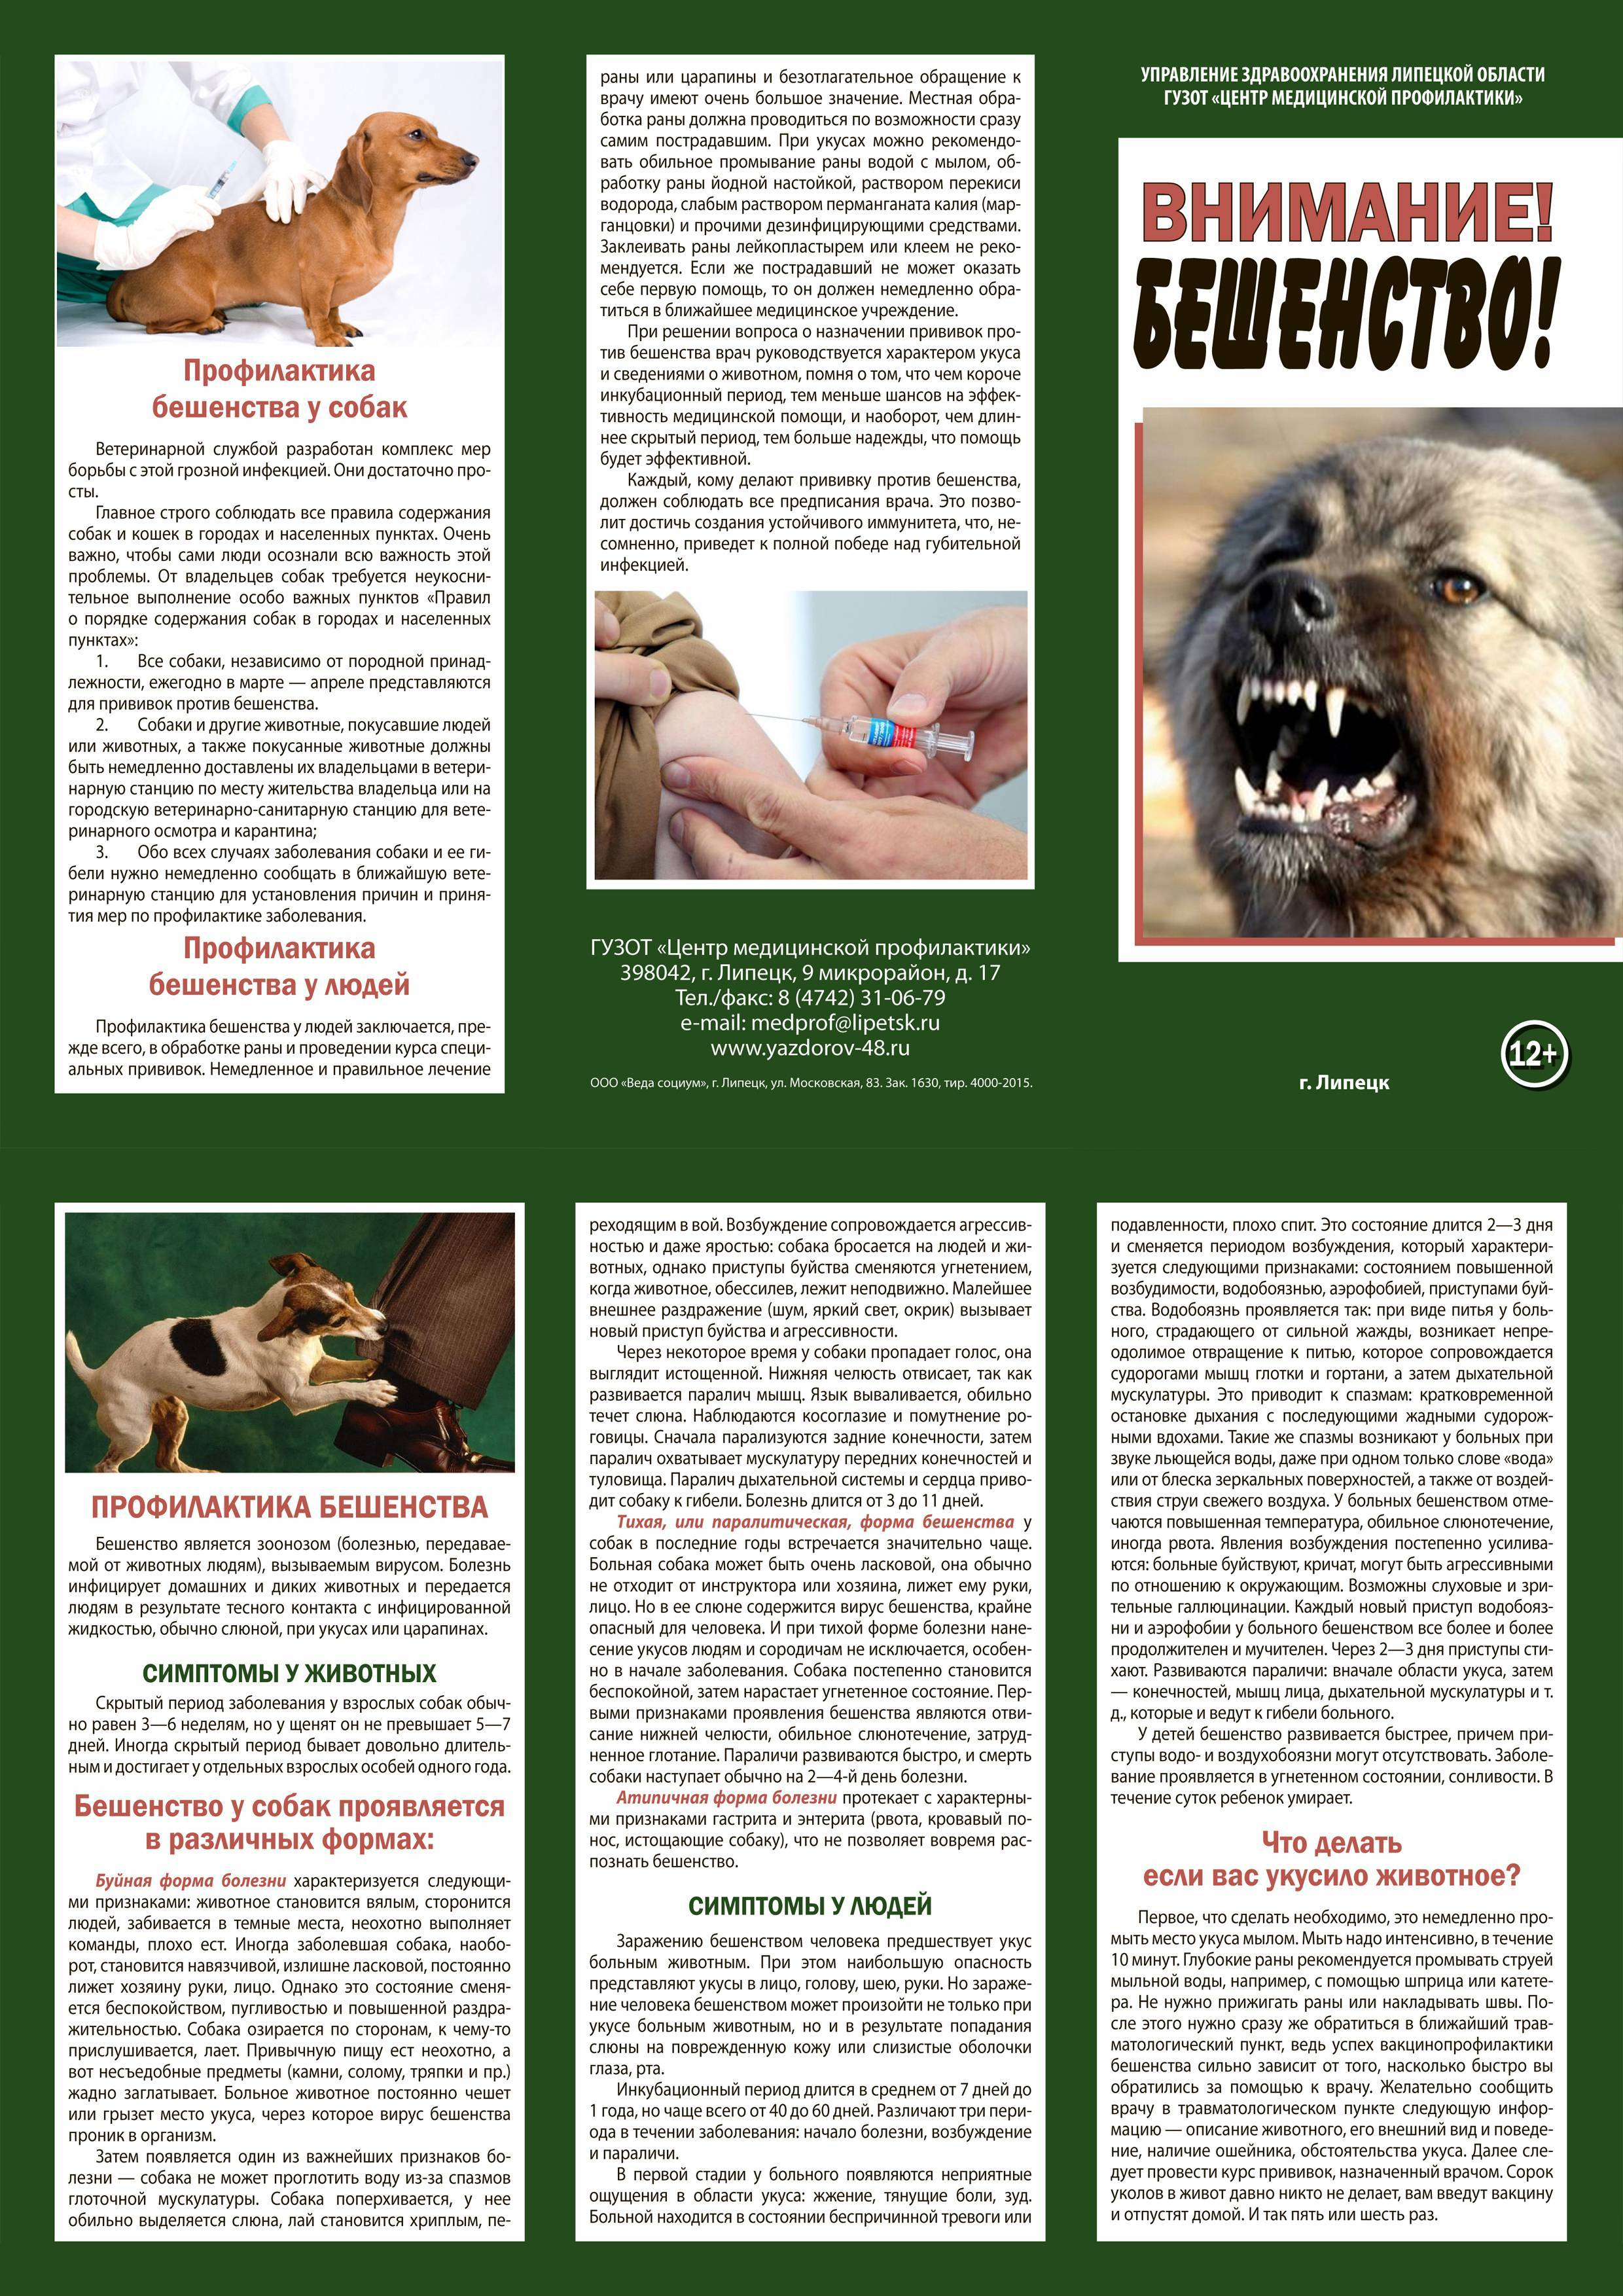 Если ребенка укусила собака, что делать? применение лекарственных препаратов и особенности лечения